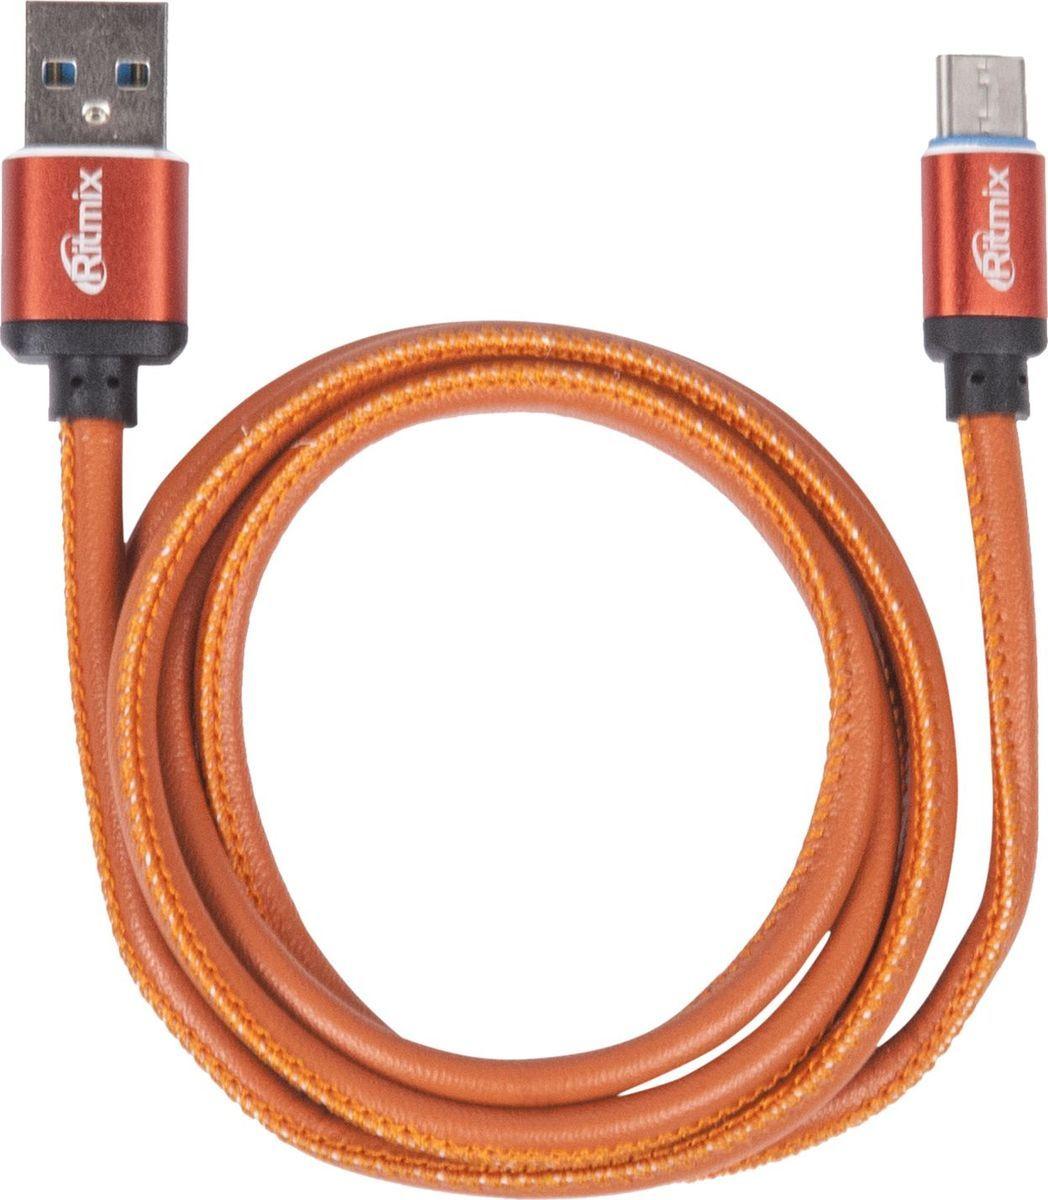 Ritmix RCC-435, Leather кабель USB - Type C (1 м)